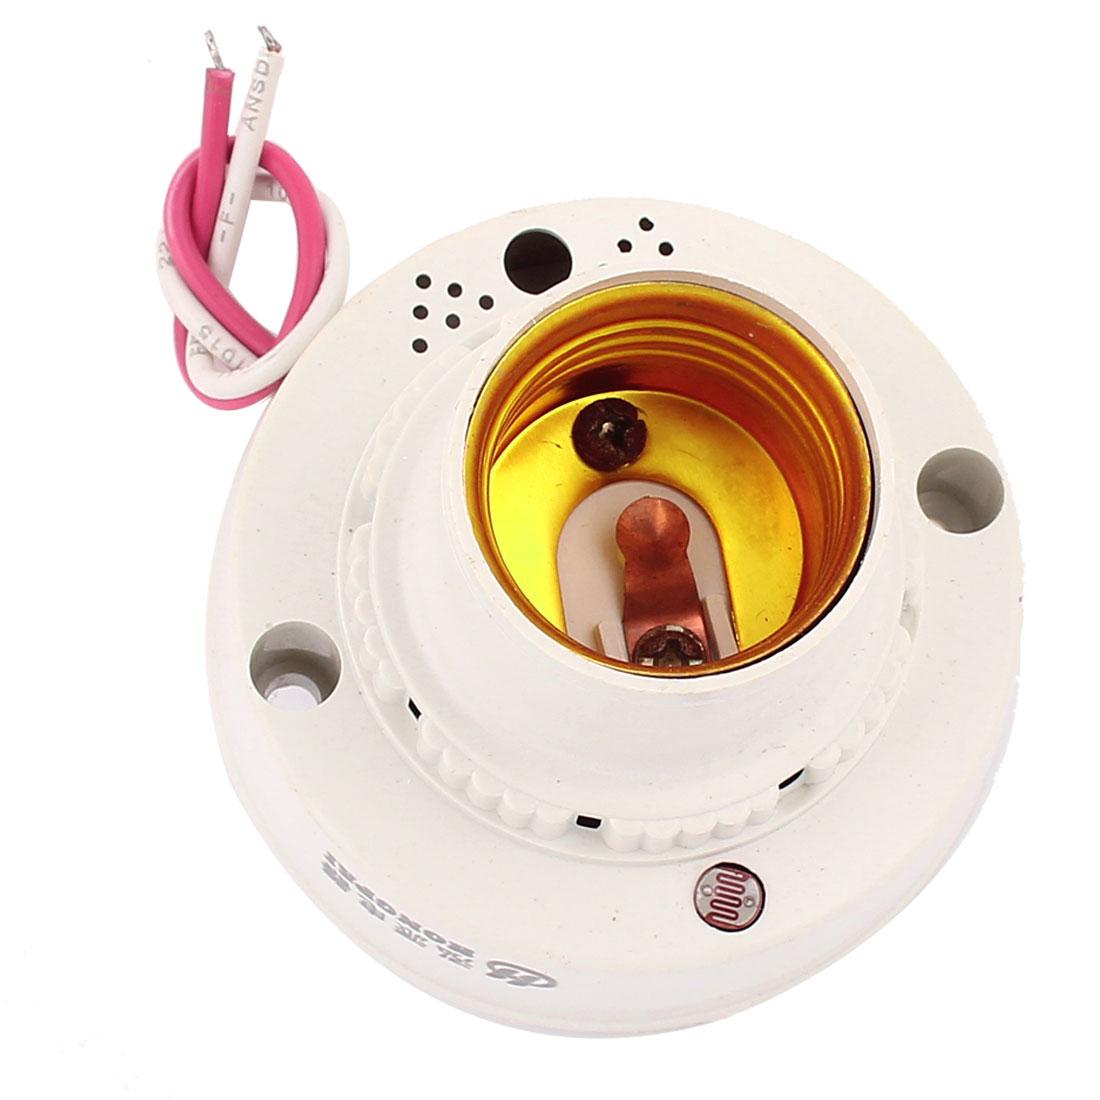 AC 175V-250V Sound Light Control Sensor E27 Lamp Bulb Holder Delay Switch